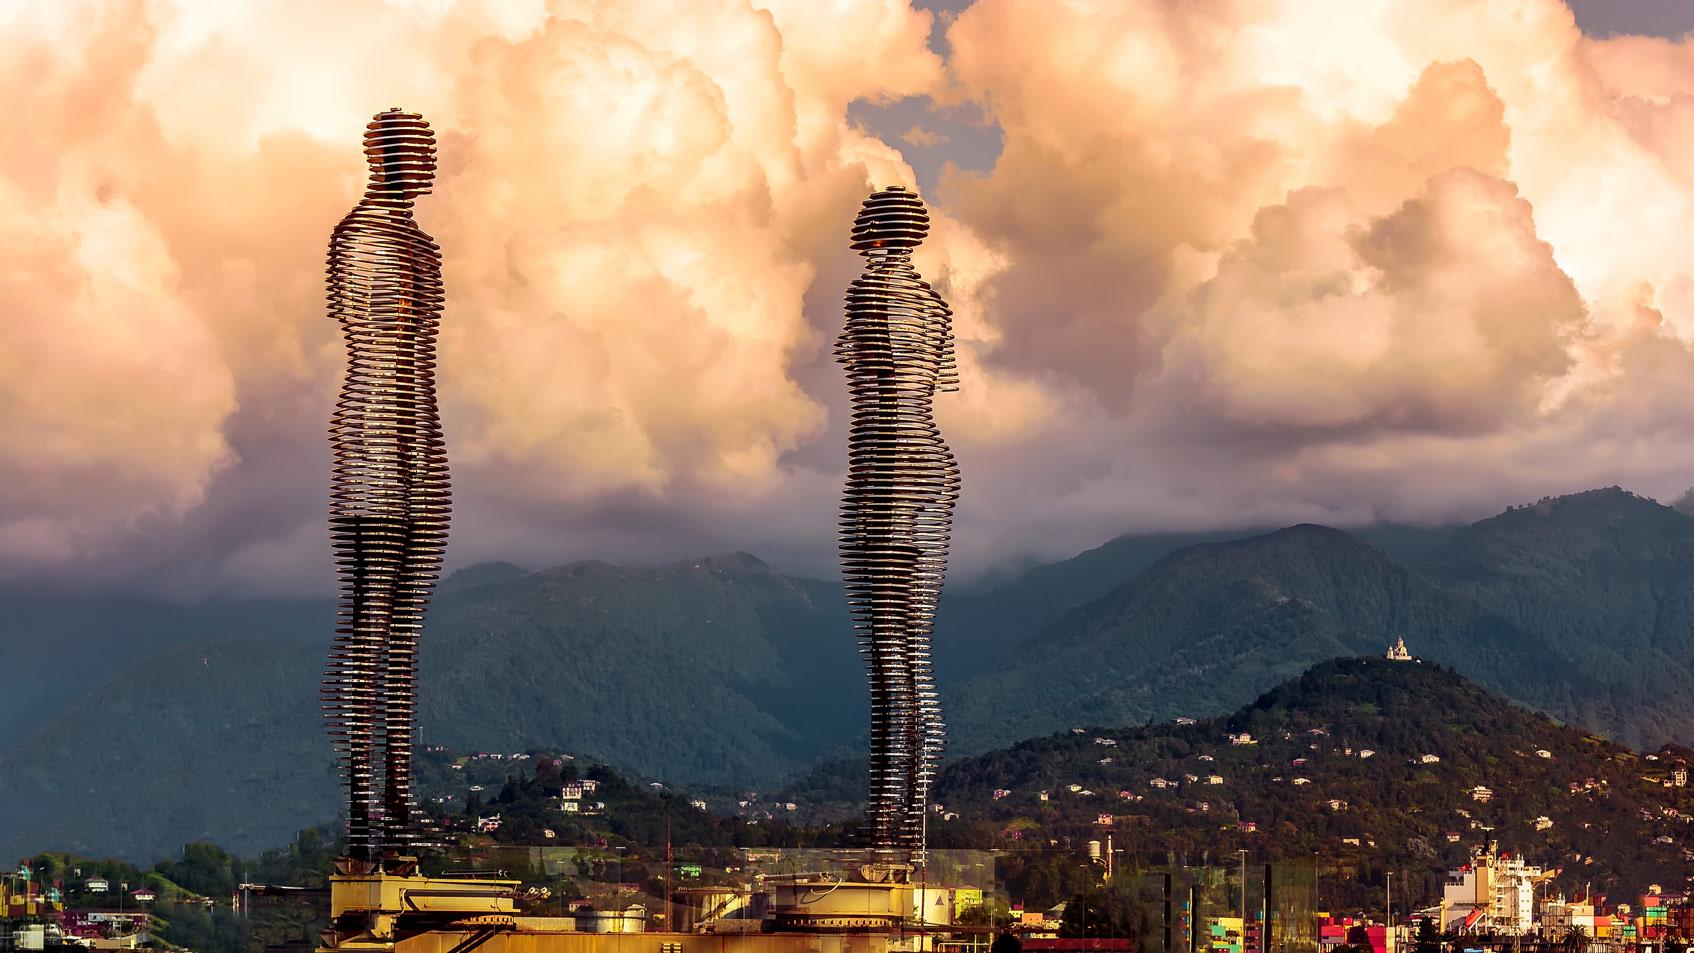 Движущаяся скульптура «Али и Нино»